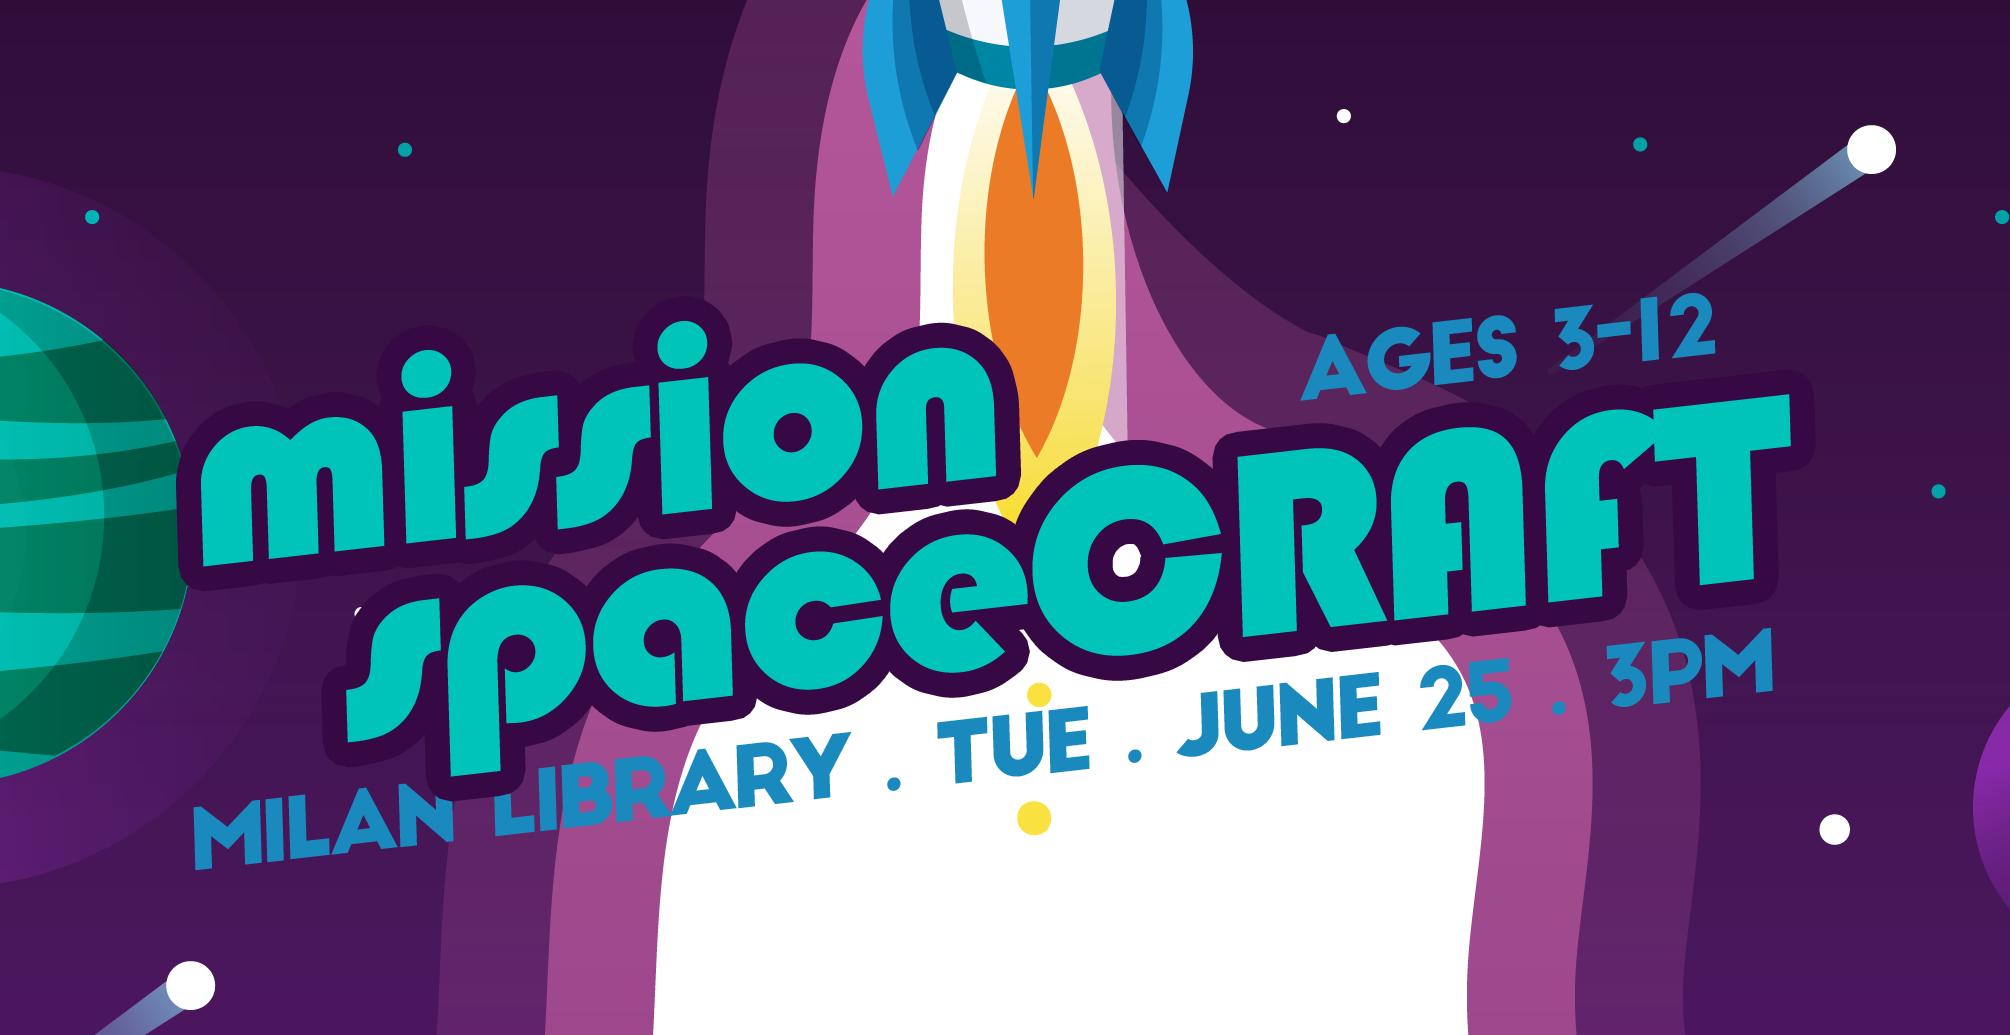 2019-06-CHILDRENS-Milan-Mission-SpaceCRAFT-Slide